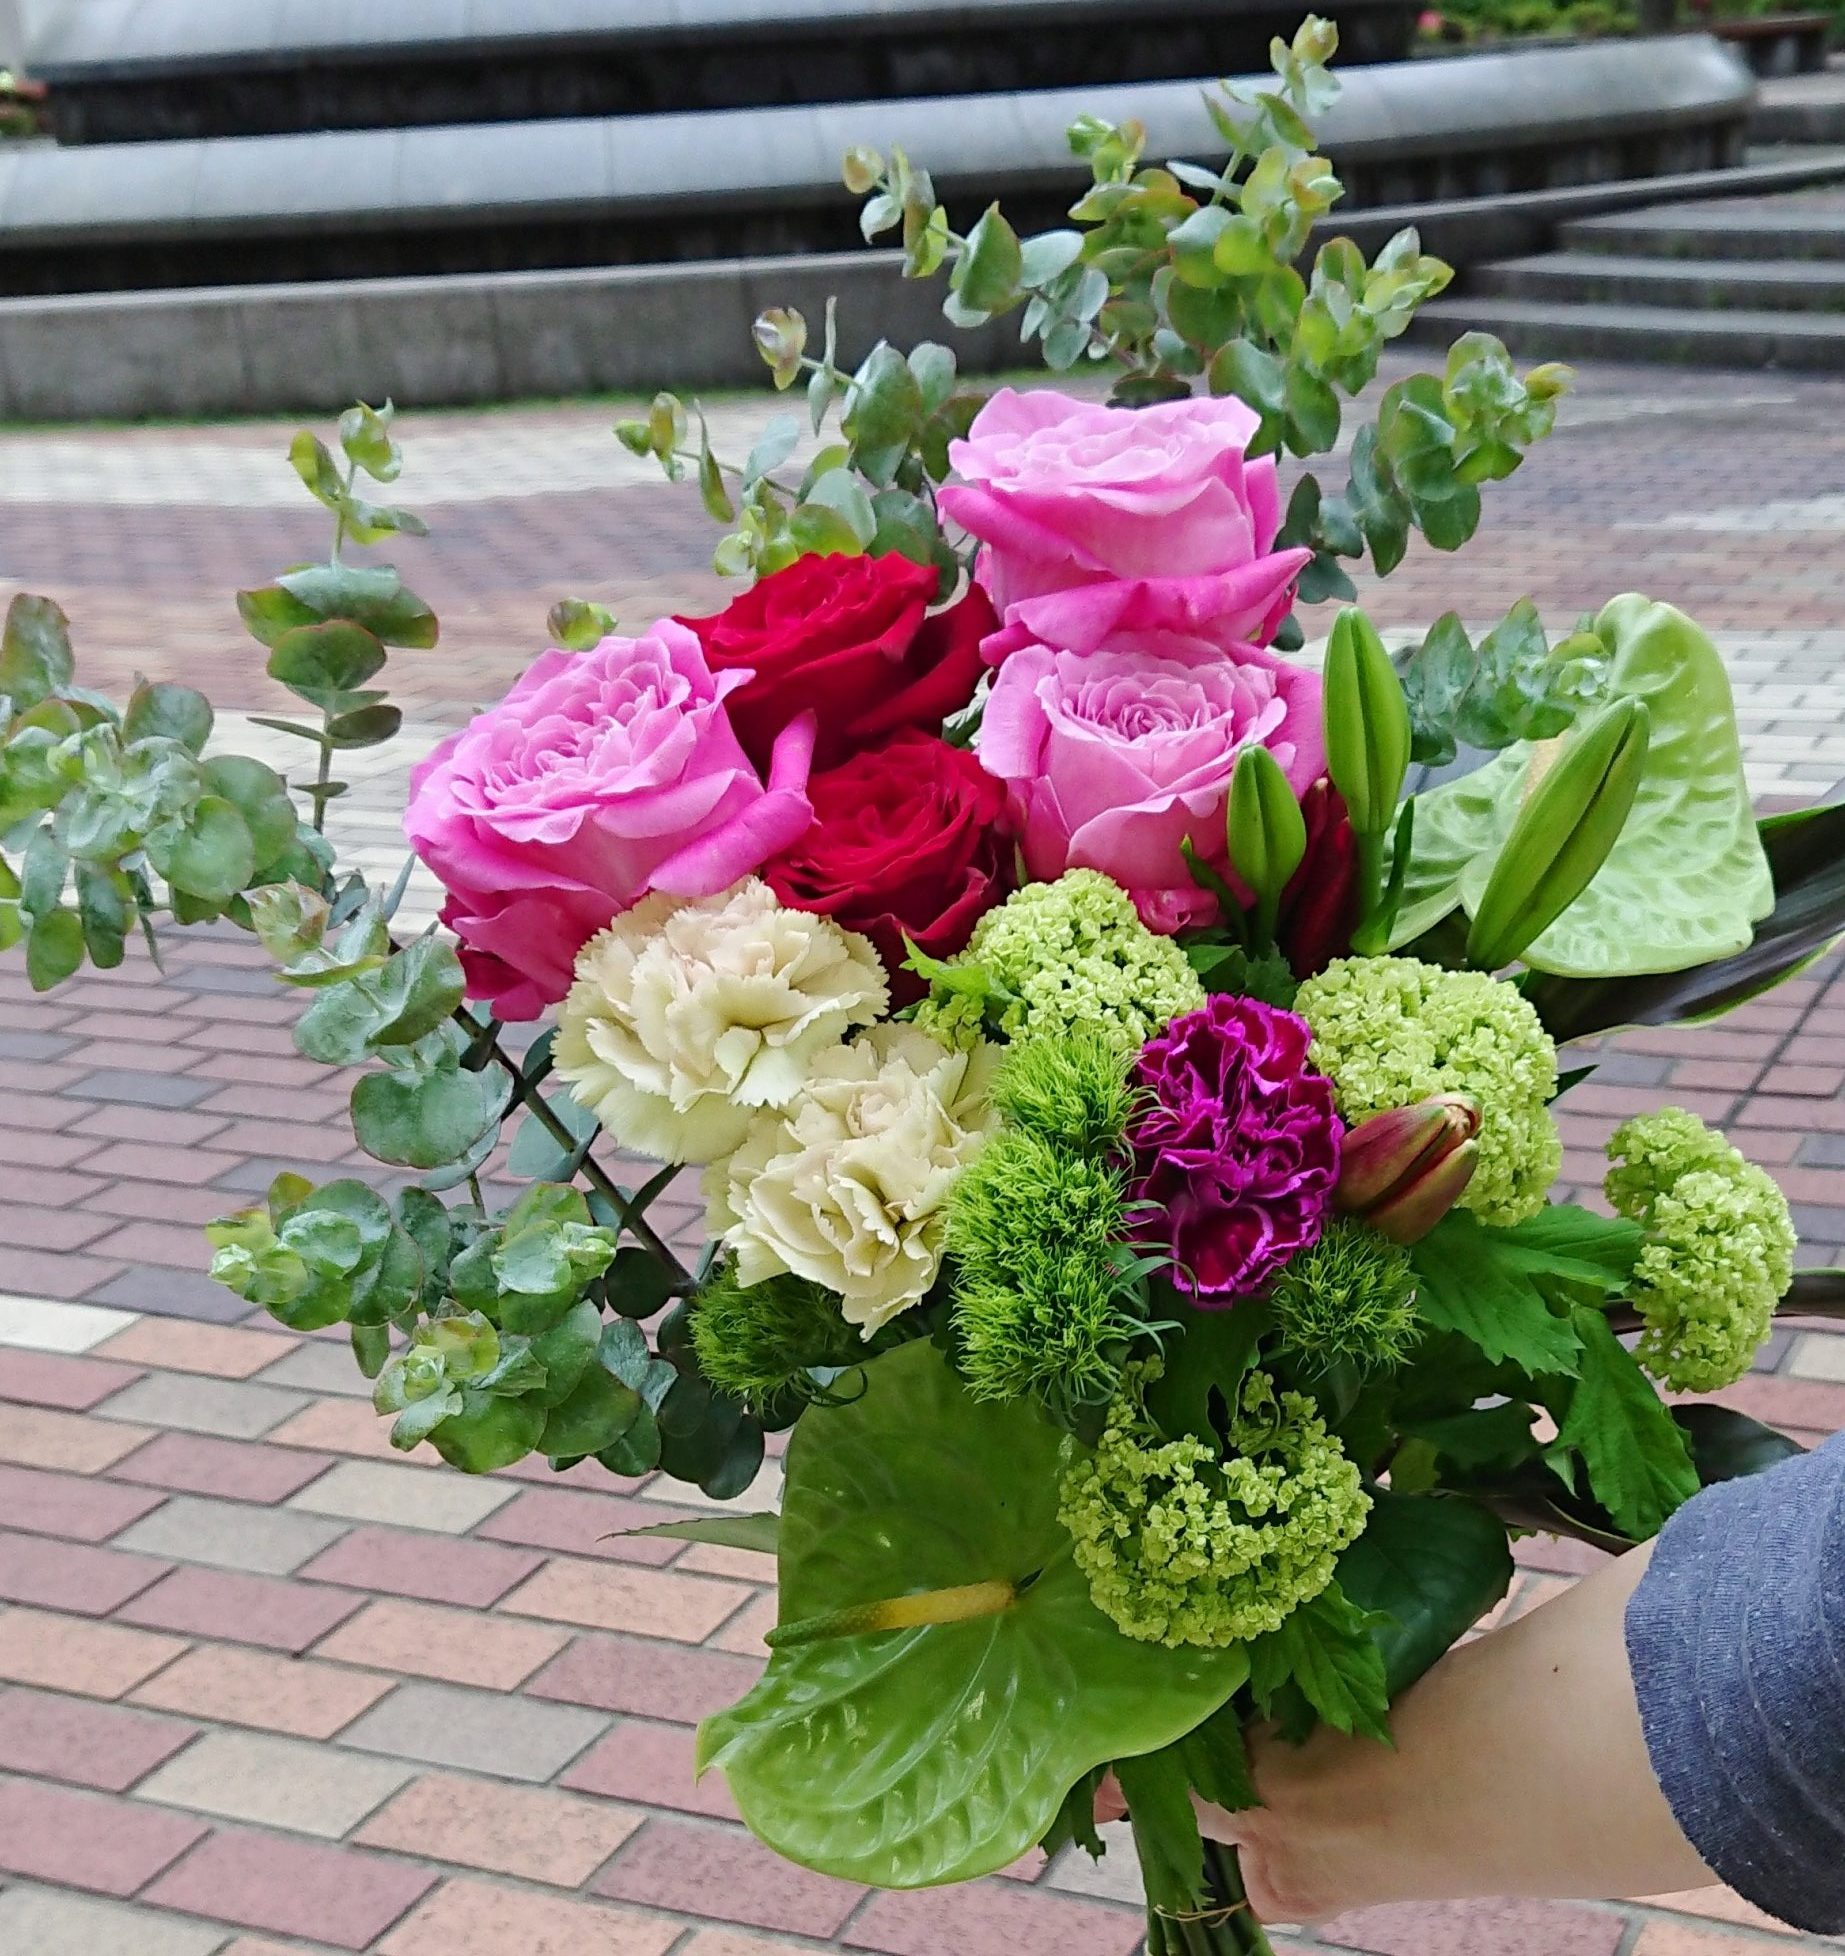 横浜市関内へ花束を即日当日配達させていただきました。【横浜花屋の花束・スタンド花・胡蝶蘭・バルーン・アレンジメント配達事例663】